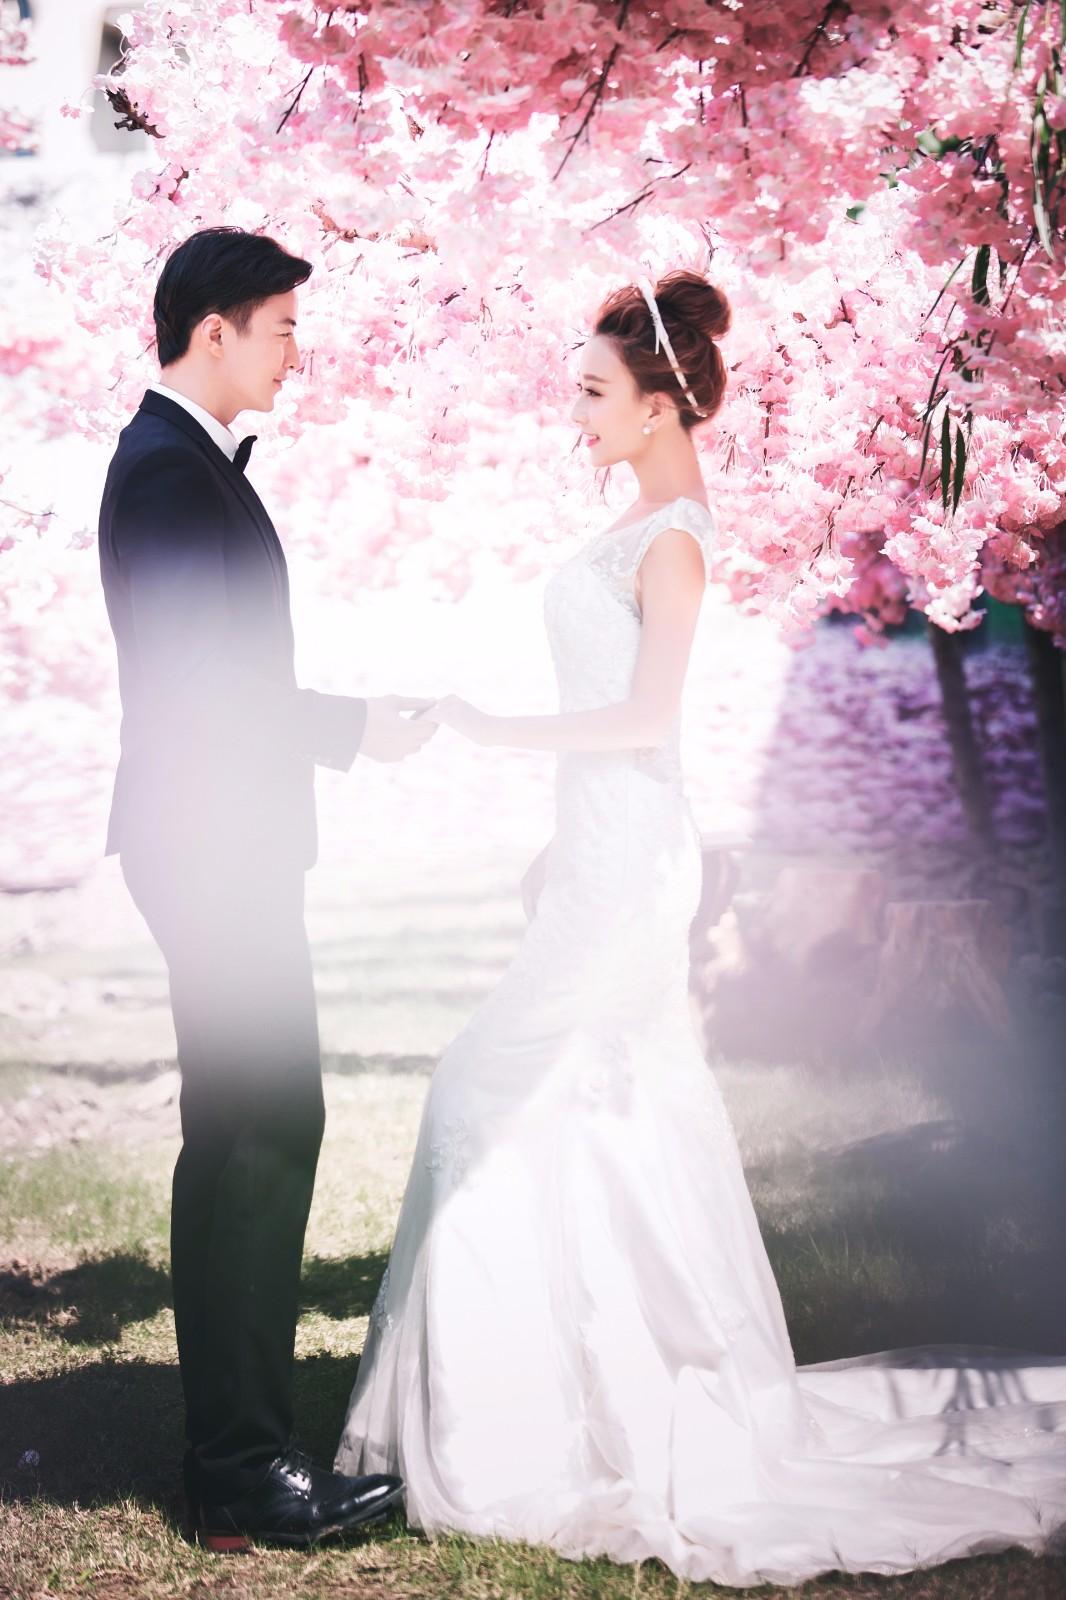 我们所知道的结婚主持人开场白台词有哪些?